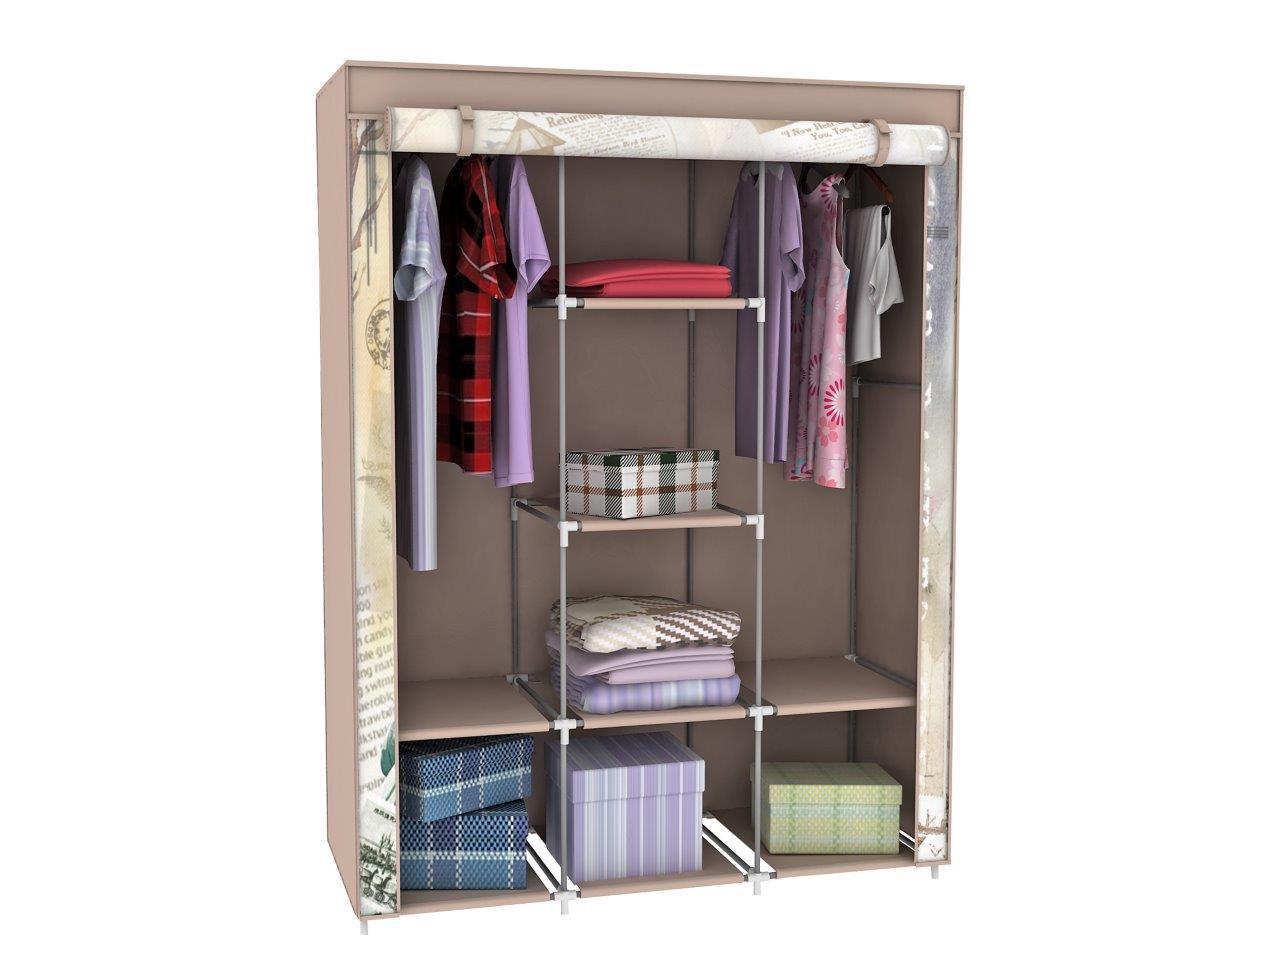 stoffschrank kleiderschrank mit freiheitsstatue motiv new york 6 f cher 2 stange ebay. Black Bedroom Furniture Sets. Home Design Ideas